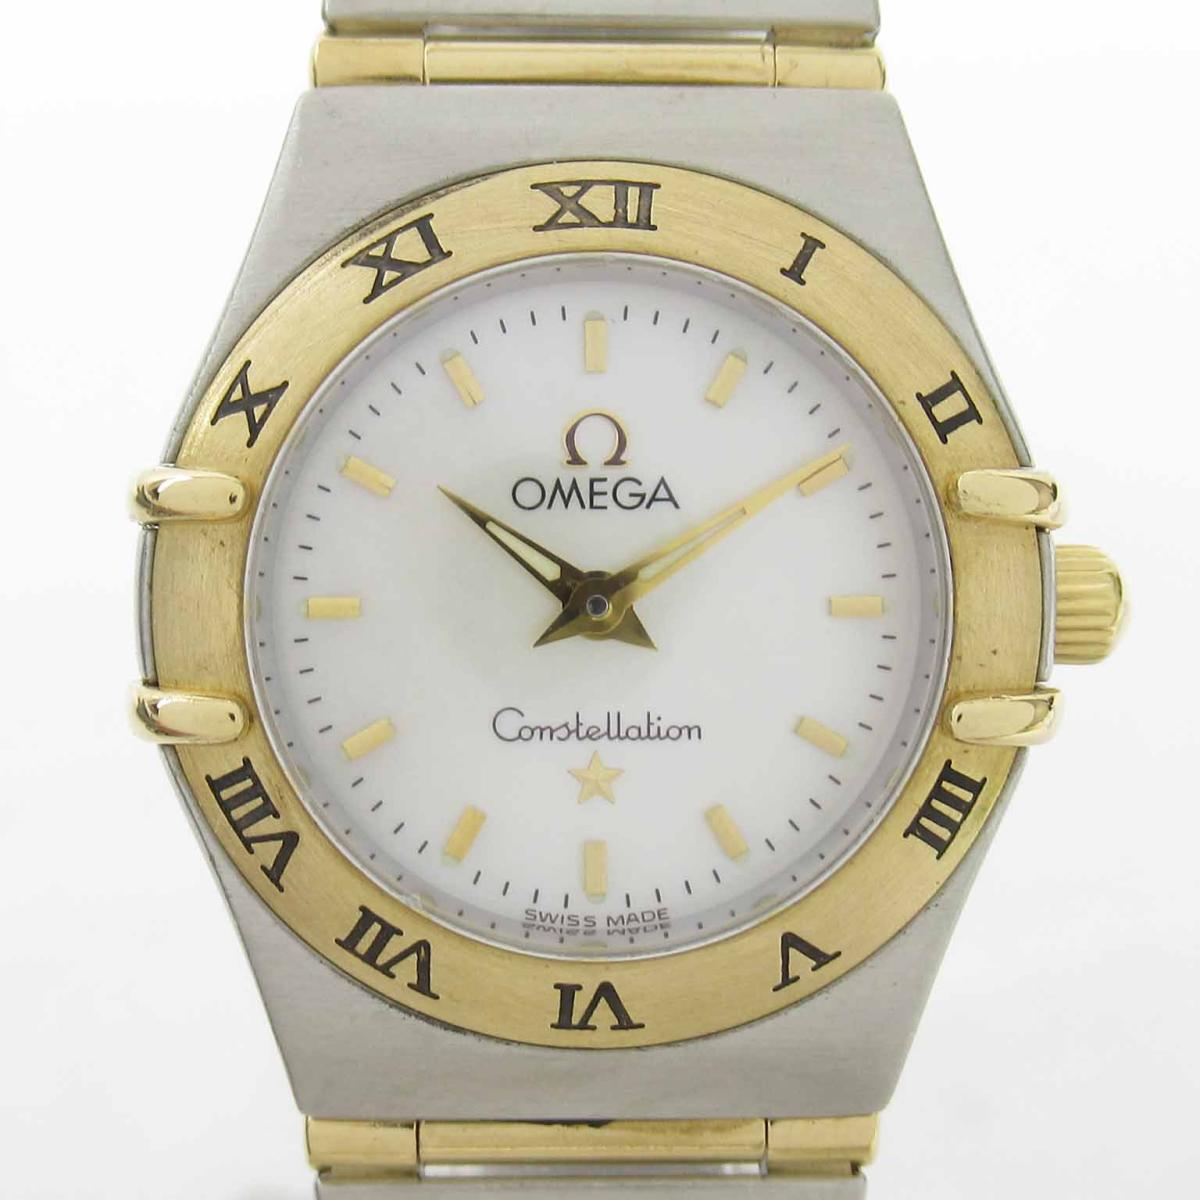 【中古】 オメガ コンステレーション ウォッチ 腕時計 レディース K18 ステンレススチール (ss) (1262.70) | OMEGA BRANDOFF ブランドオフ ブランド ブランド時計 ブランド腕時計 時計